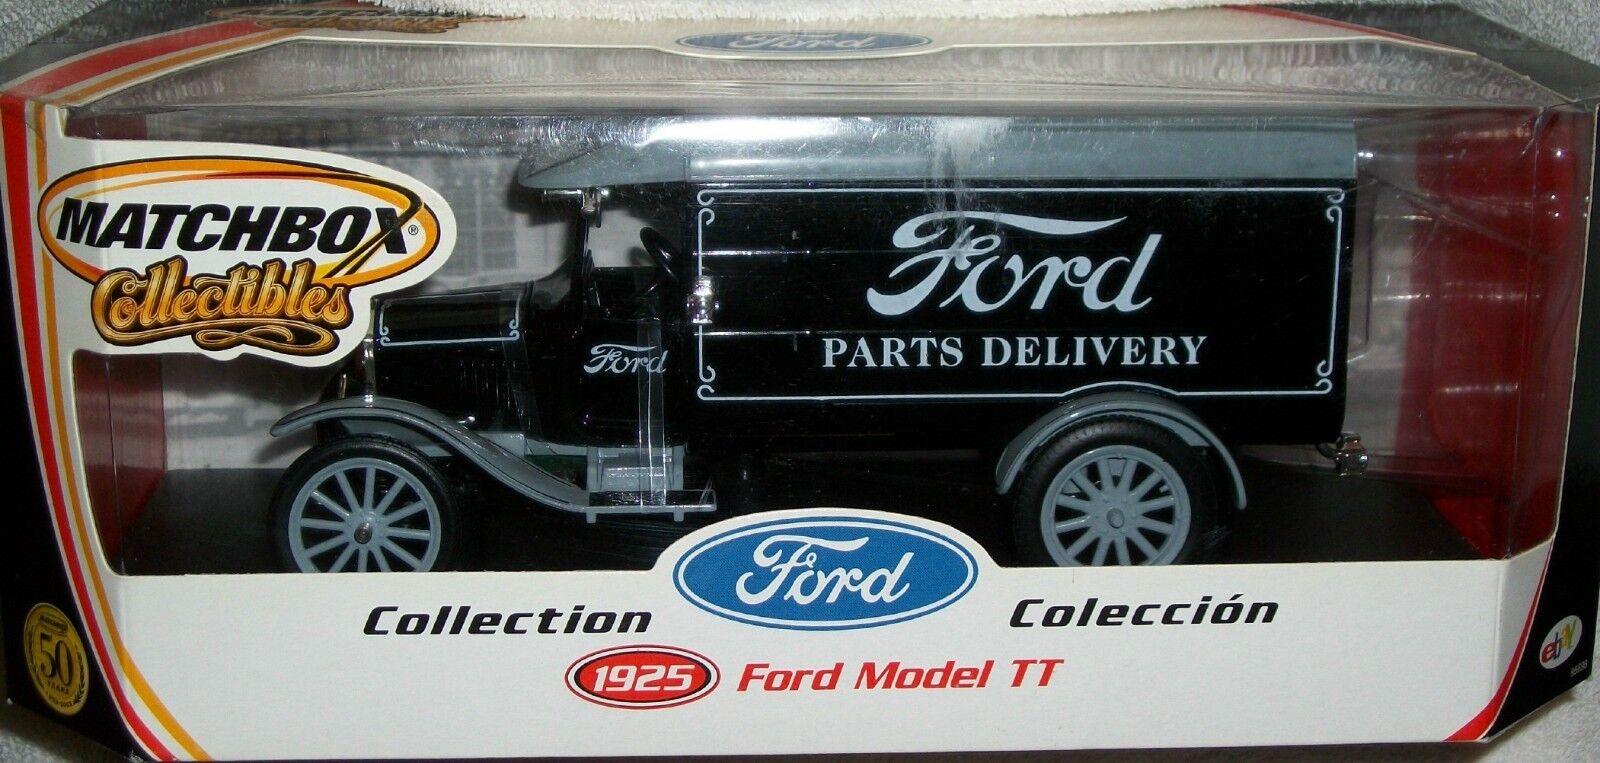 elige tu favorito Matchbox 1925 Ford Ford Ford modelo partes TT camión de reparto que Juguete Regalo De Navidad Coche Vintage Retro  barato y de moda